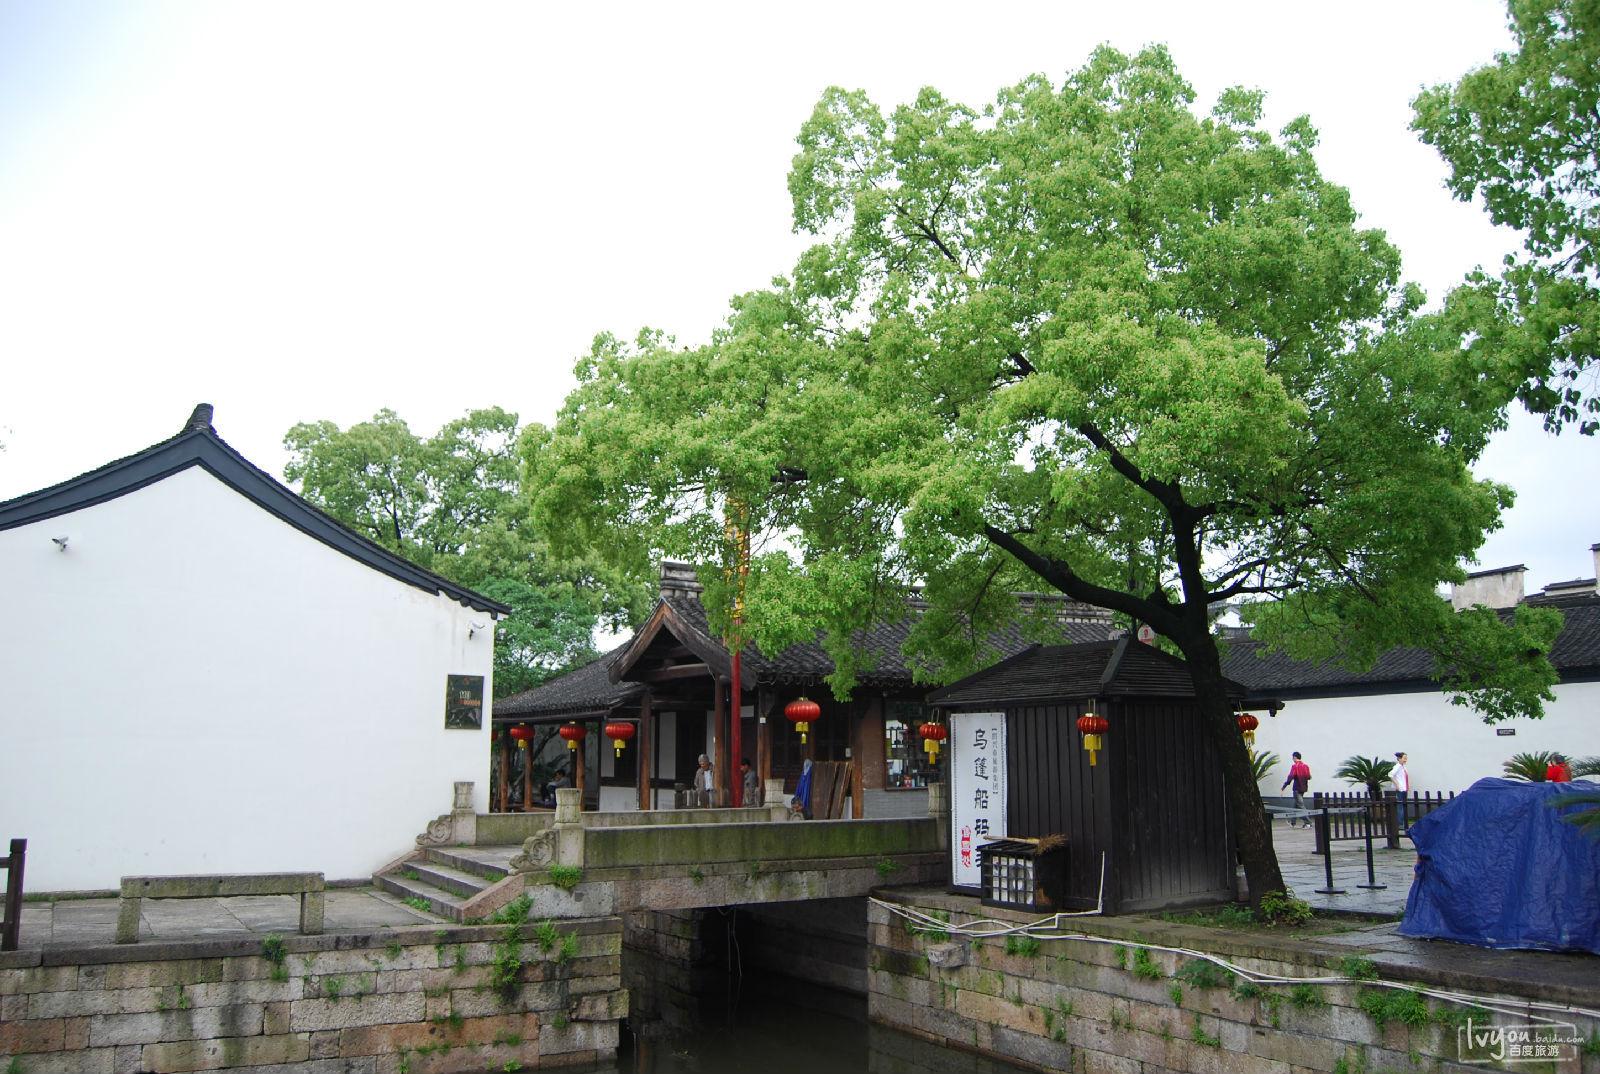 --------------------- 衢州开化根宫佛国文化旅游景区: 根宫佛国(原中国根艺美术博览园)最早的溯源,仅仅是个根雕小作坊。它在根雕大师徐谷青的精心创作下,现在已有包括福门祥光、云湖禅心、天工博物馆、根雕佛国、醉根宝塔等近30个景点,陈列有世界上最大的根艺释迦牟尼佛造像和680米长的巨型根雕五佰罗汉阵这里更像是一部根艺美术的四库全书。    全国157家5A级景区浙江独占11个(2013.